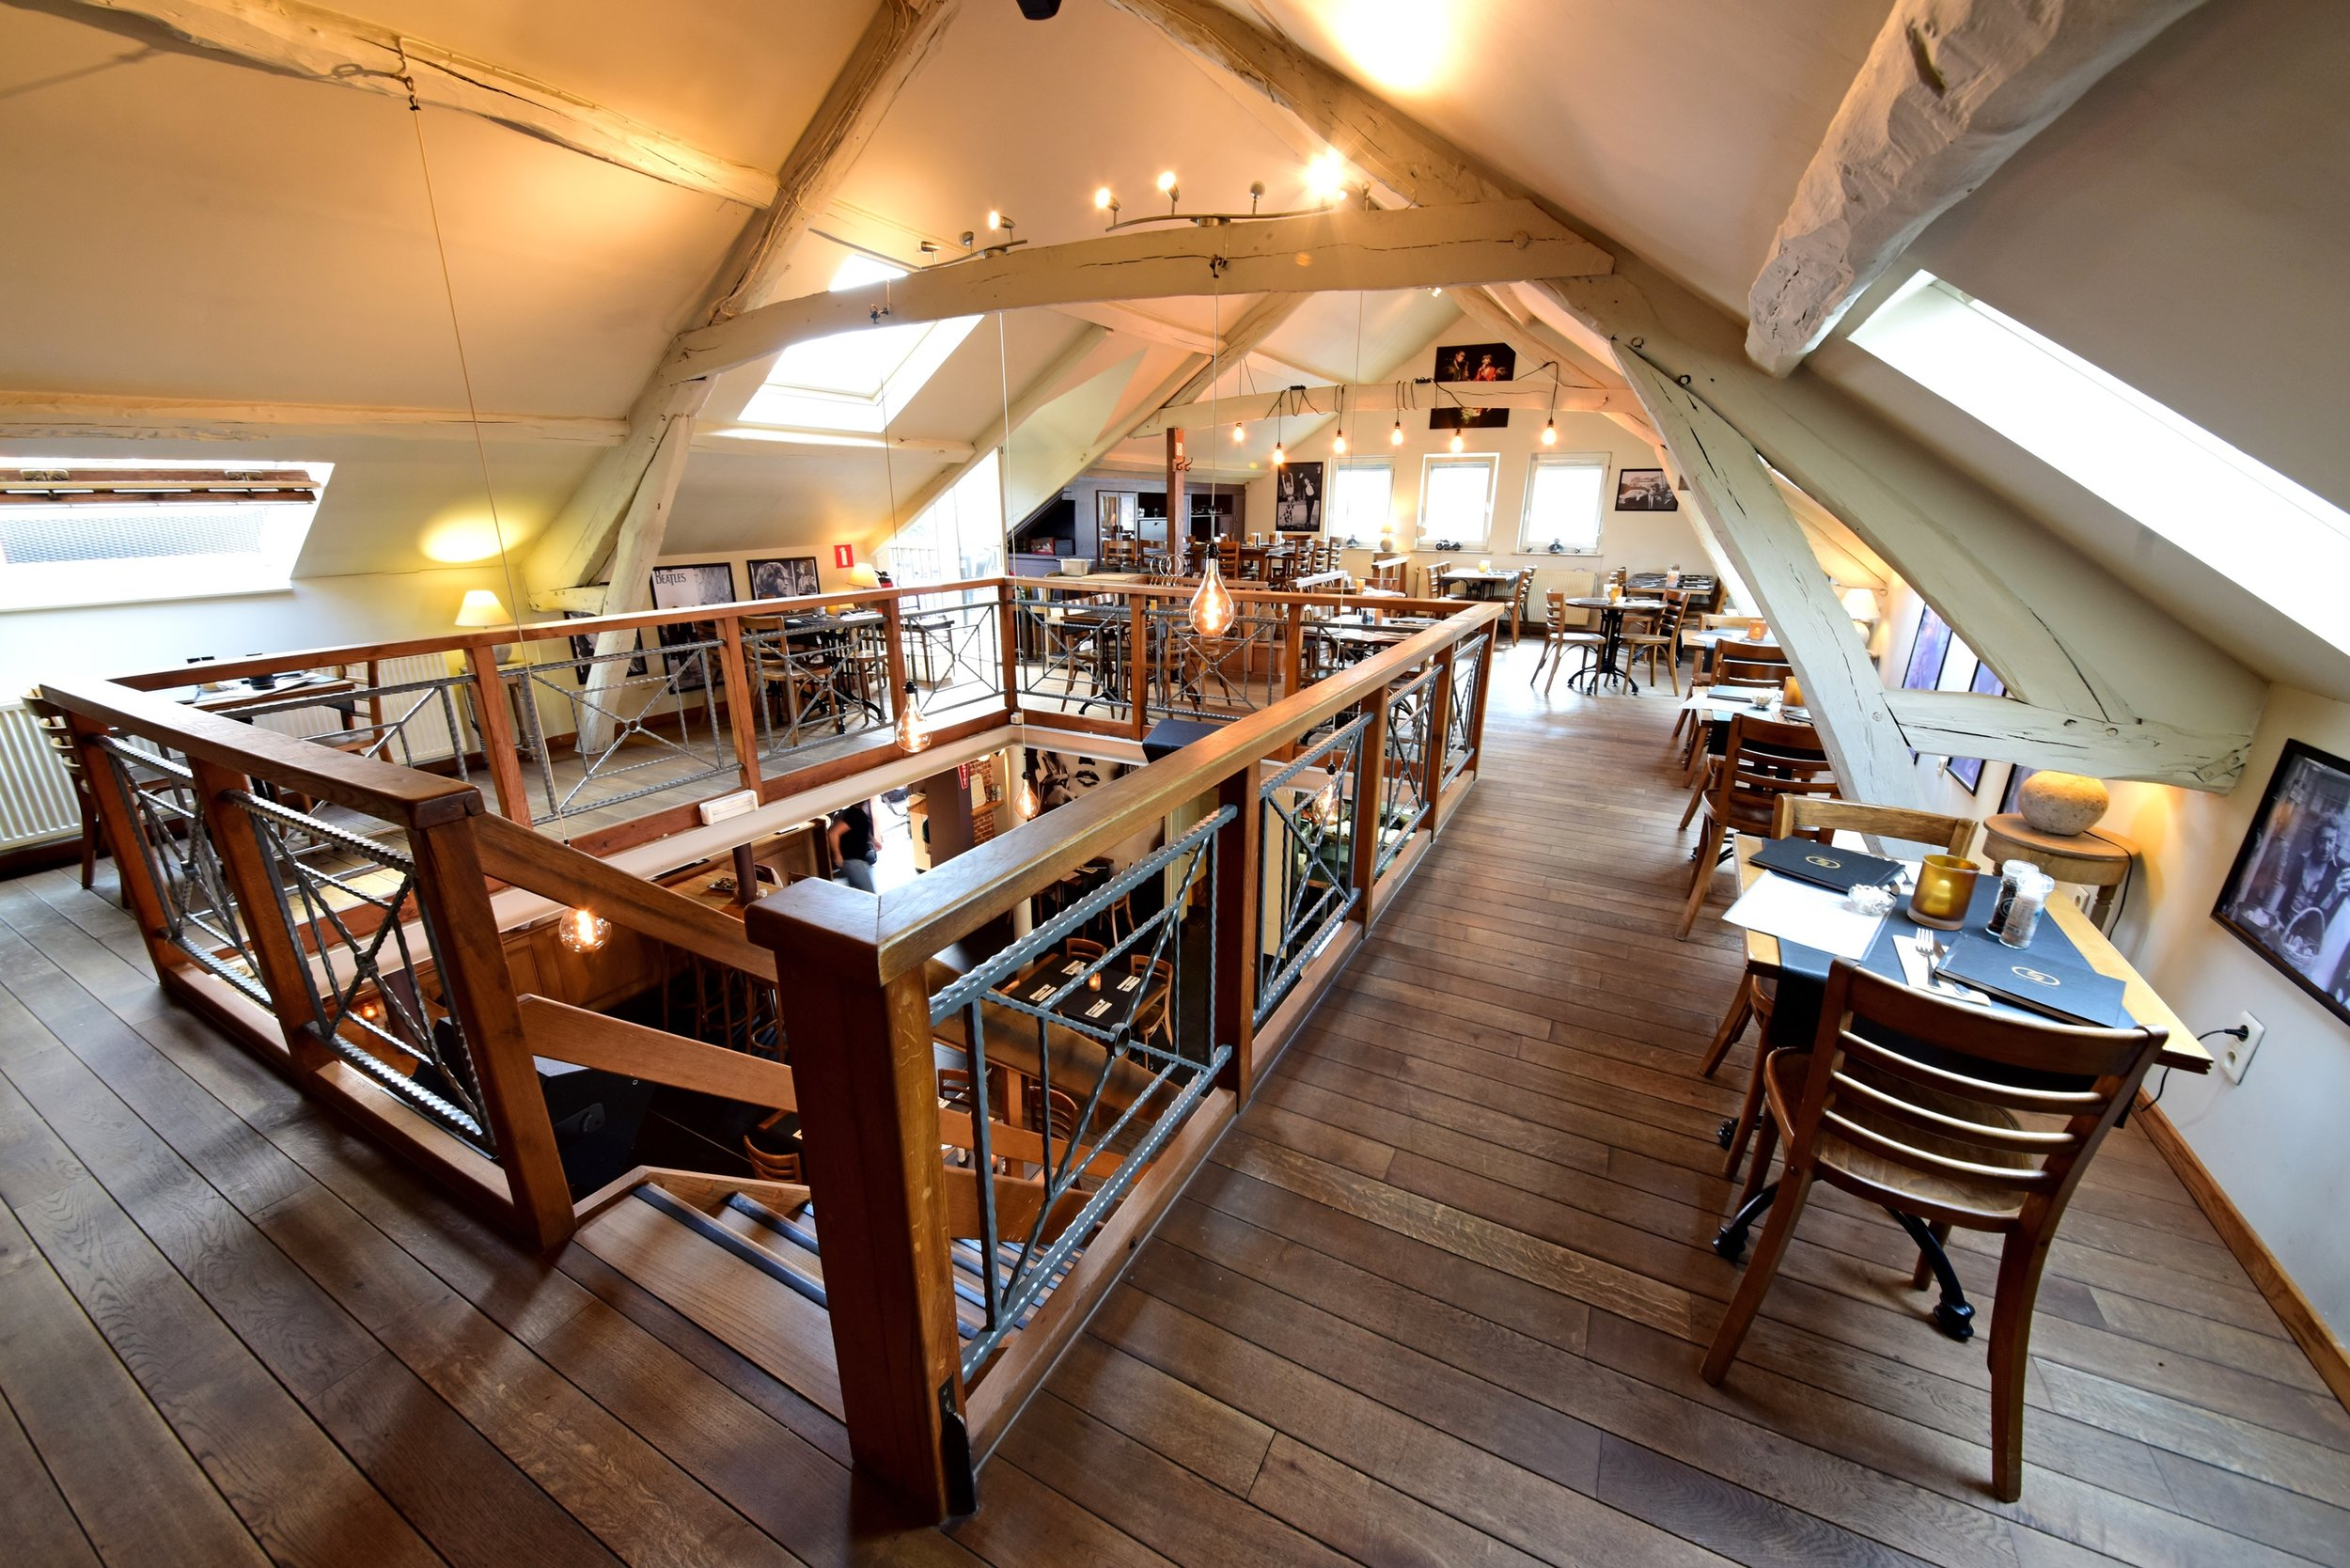 19 t goe gedacht haacht leuven restaurant brasserie bart albrecht fotograaf culinair food huwelijks tablefever.jpeg